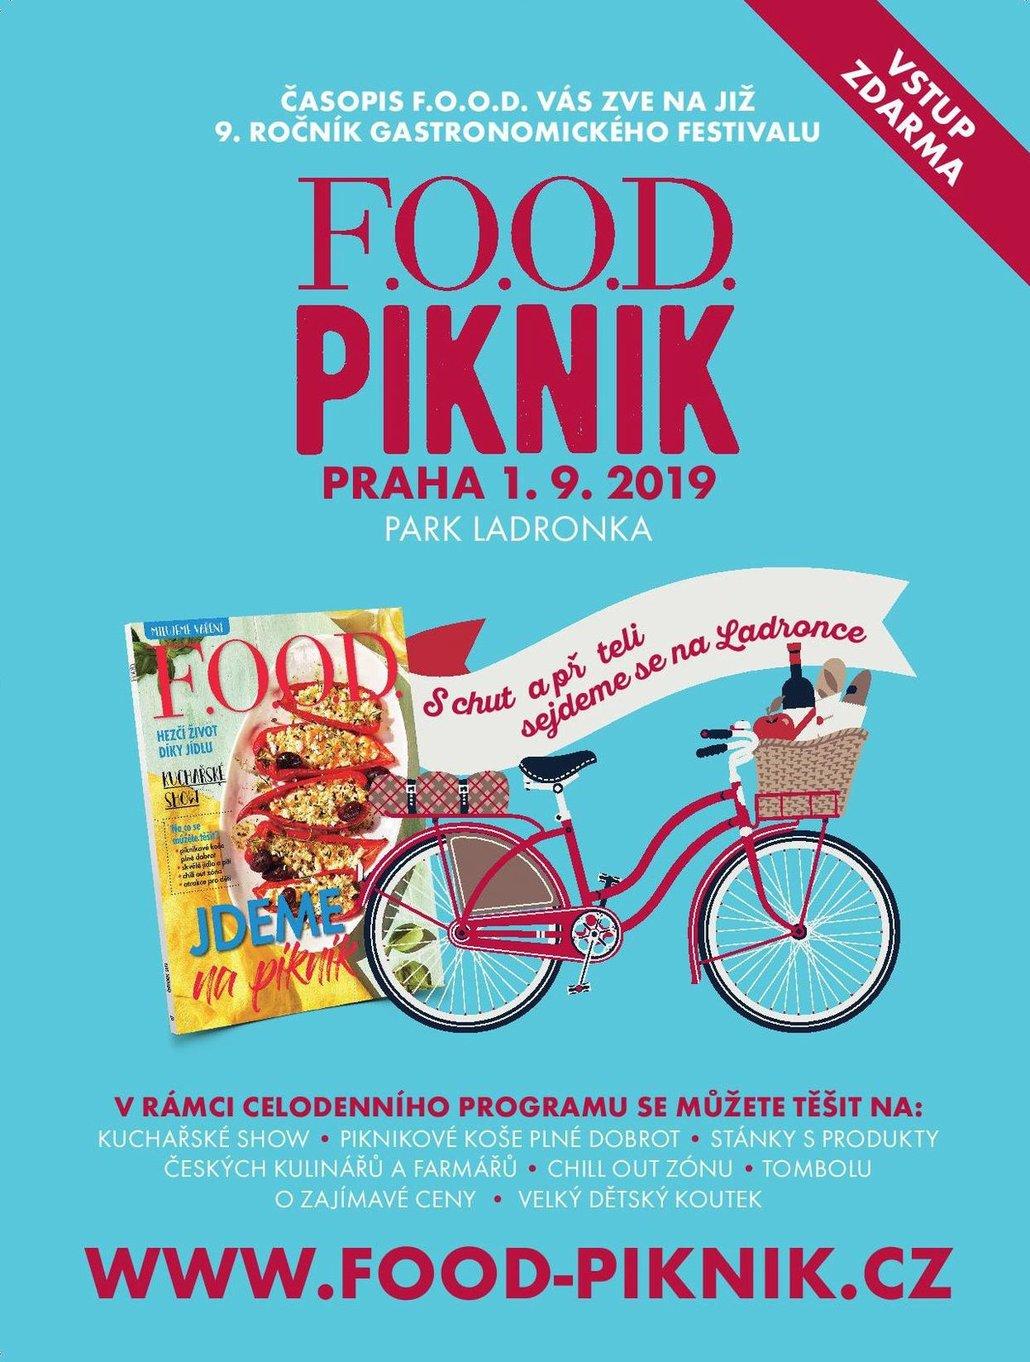 F.O.O.D. piknik 2019